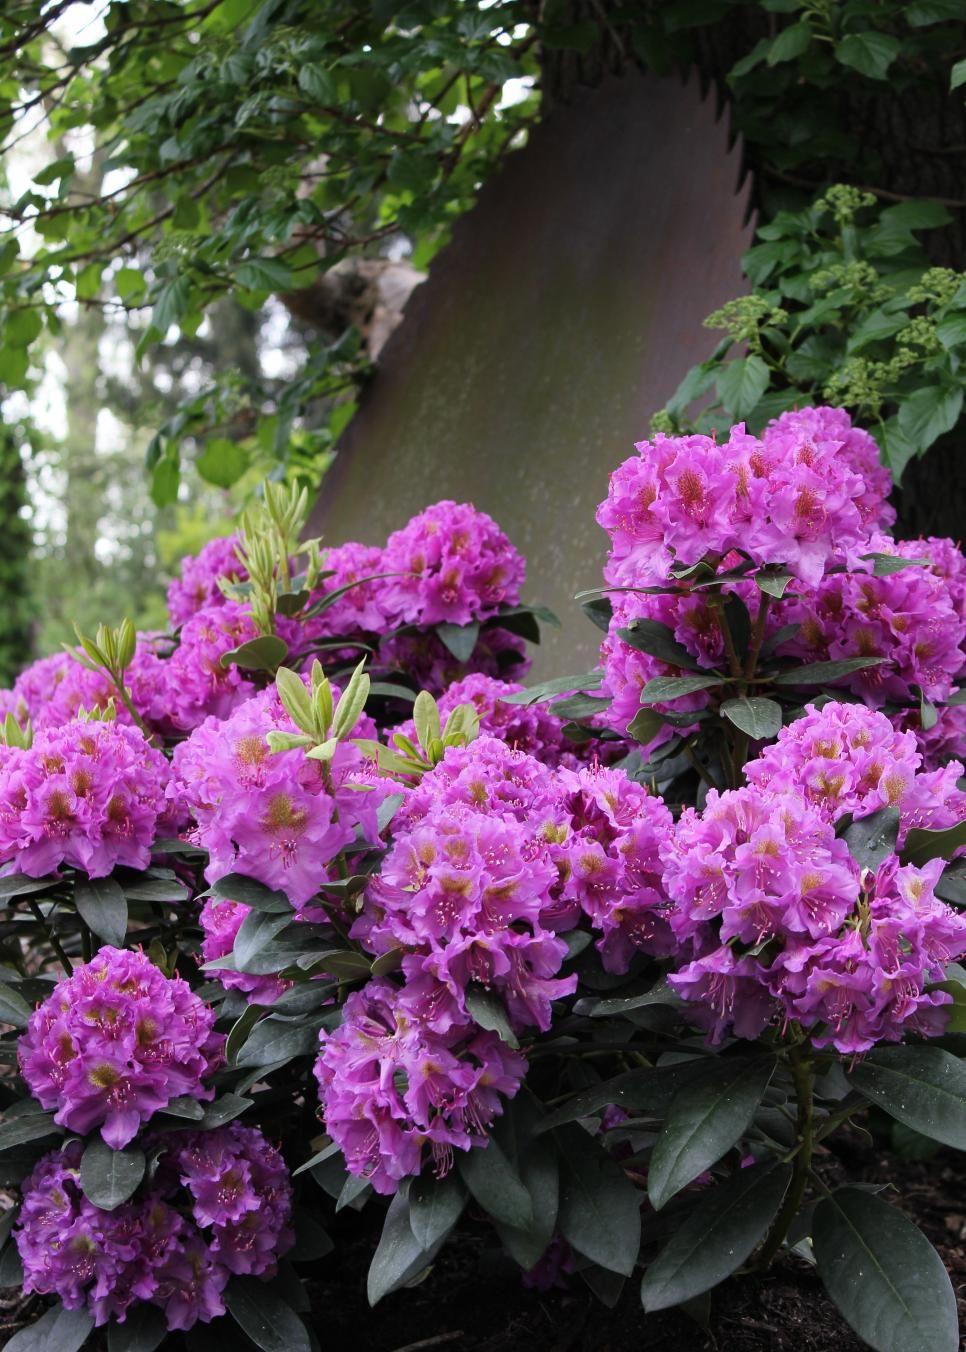 Flowering Shrubs For Shade Gardens Gardening Pinterest Shade